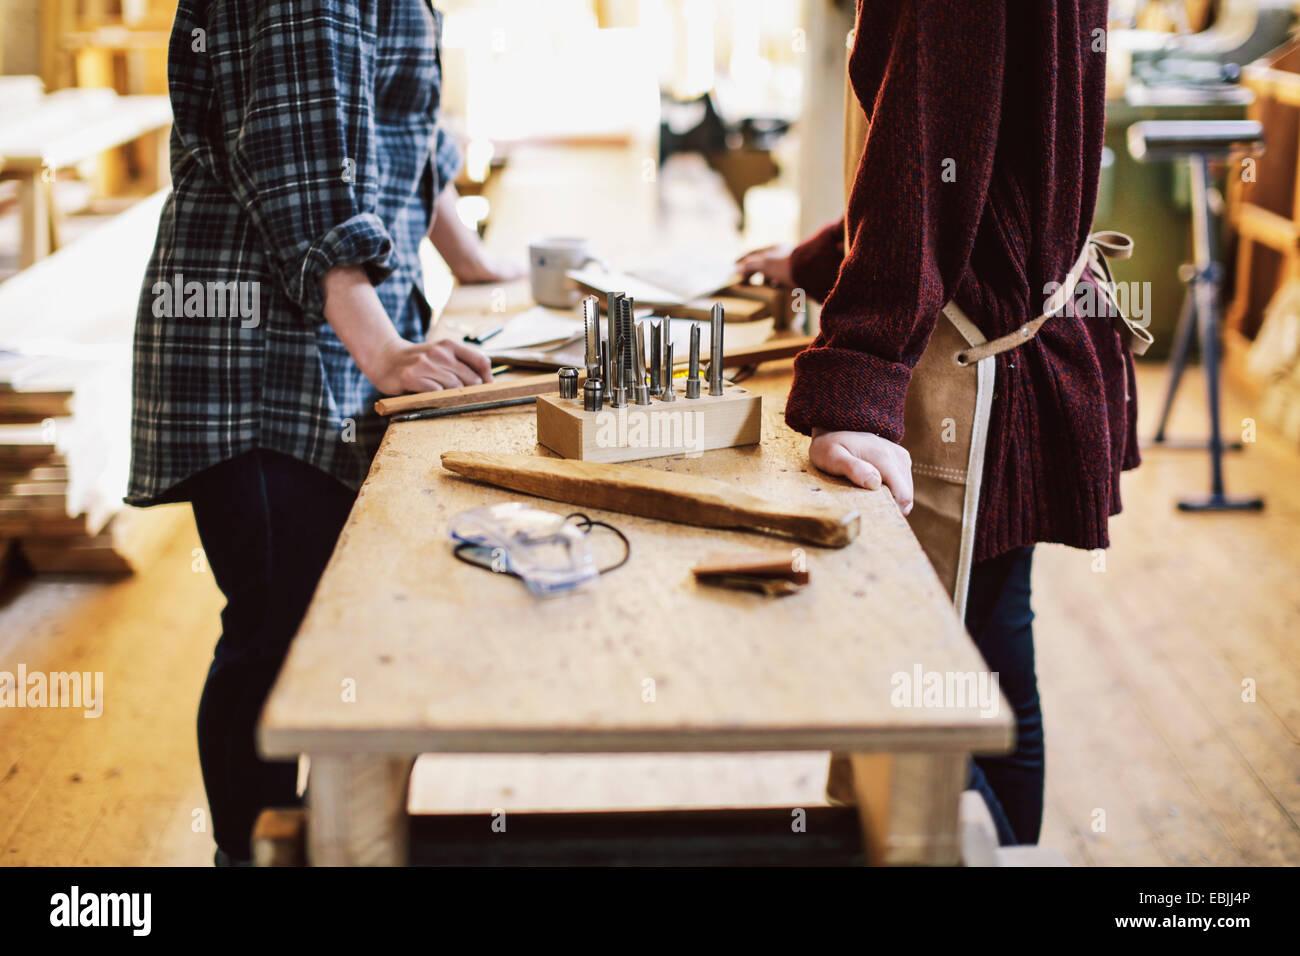 Portrait de deux femmes artisans au poste de travail en atelier d'orgue à tuyaux Photo Stock